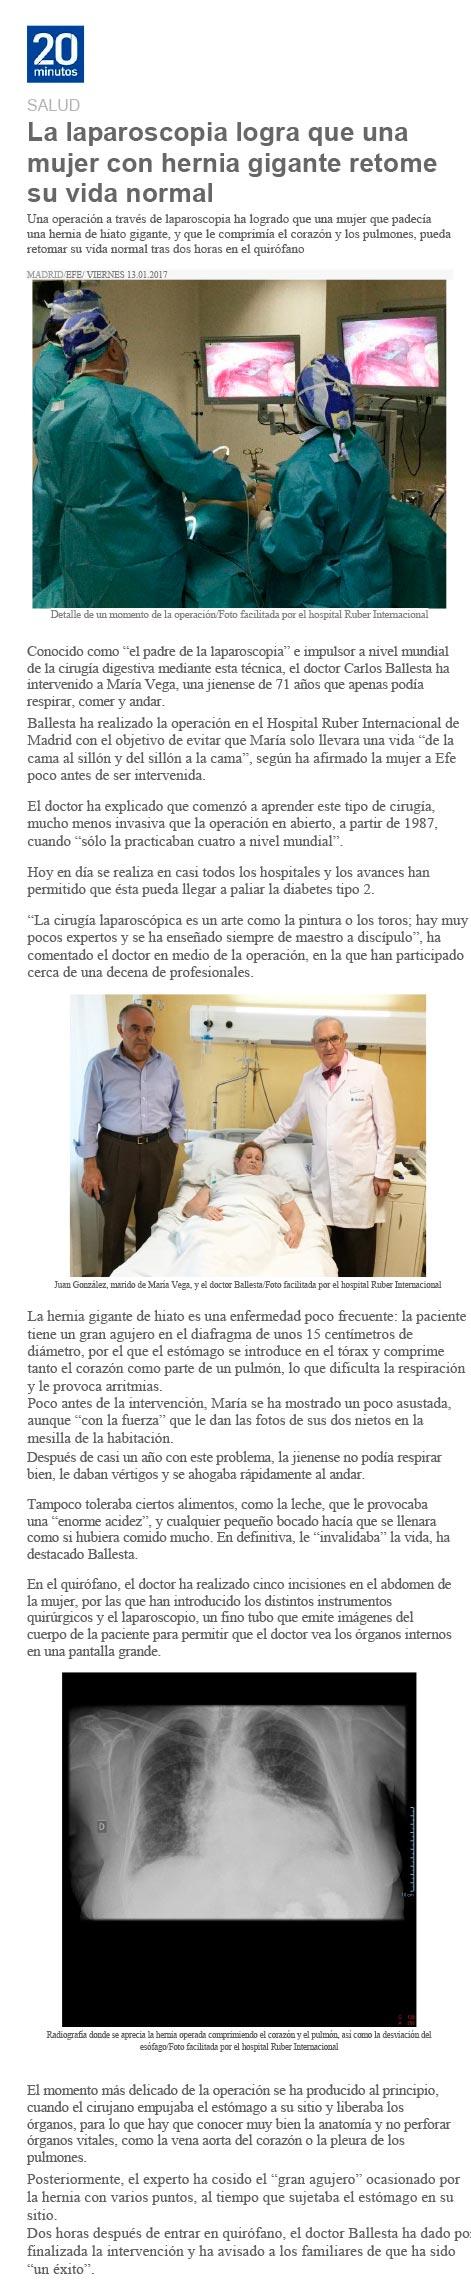 cirugía laparoscopia hernia gigante